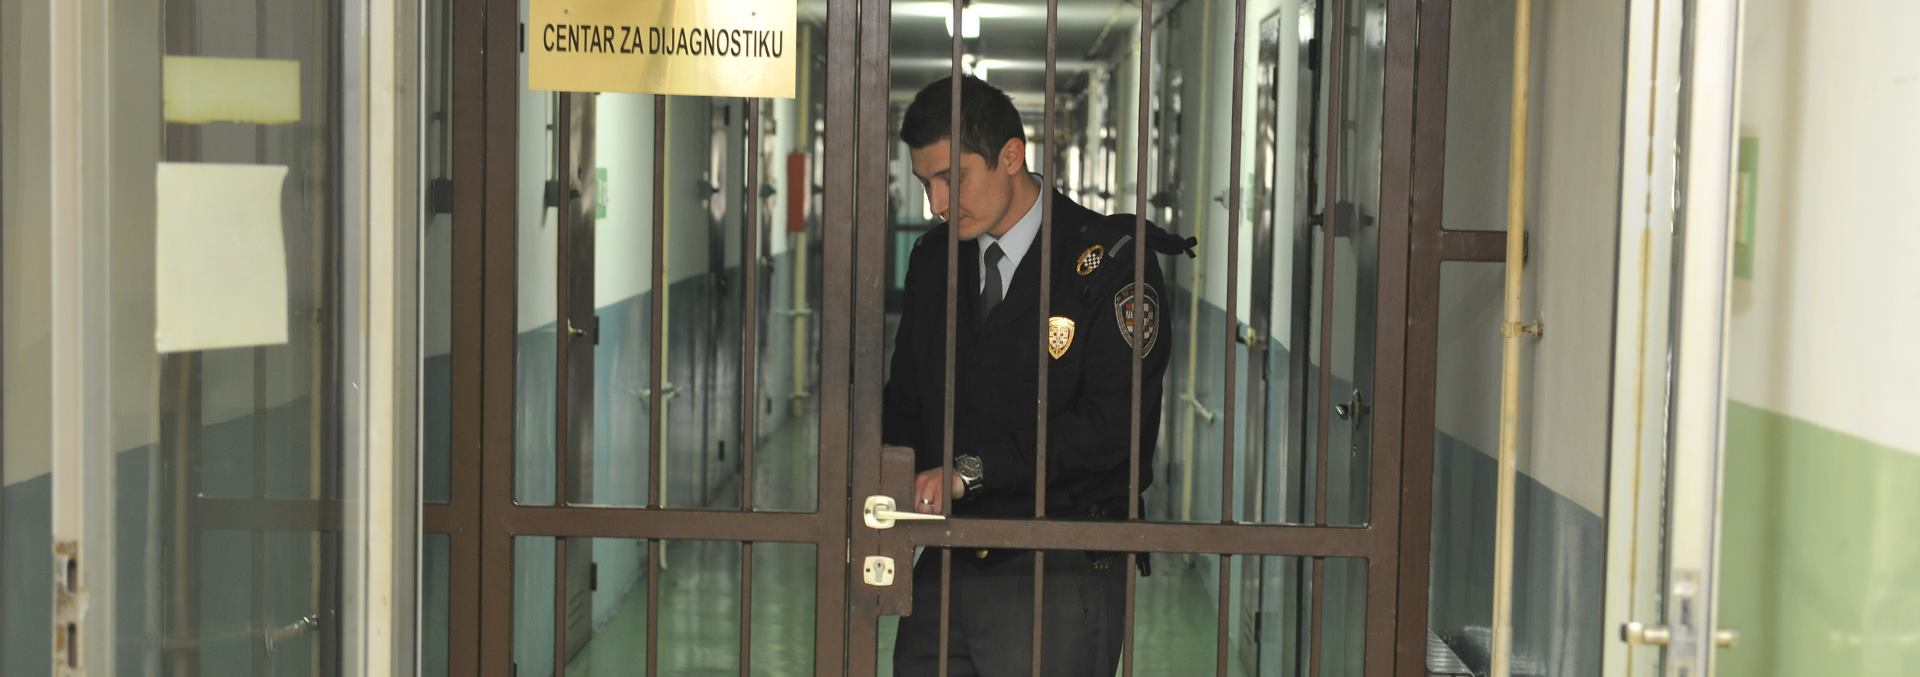 Nasilnicima iz Uzdolja do 3 godine robije